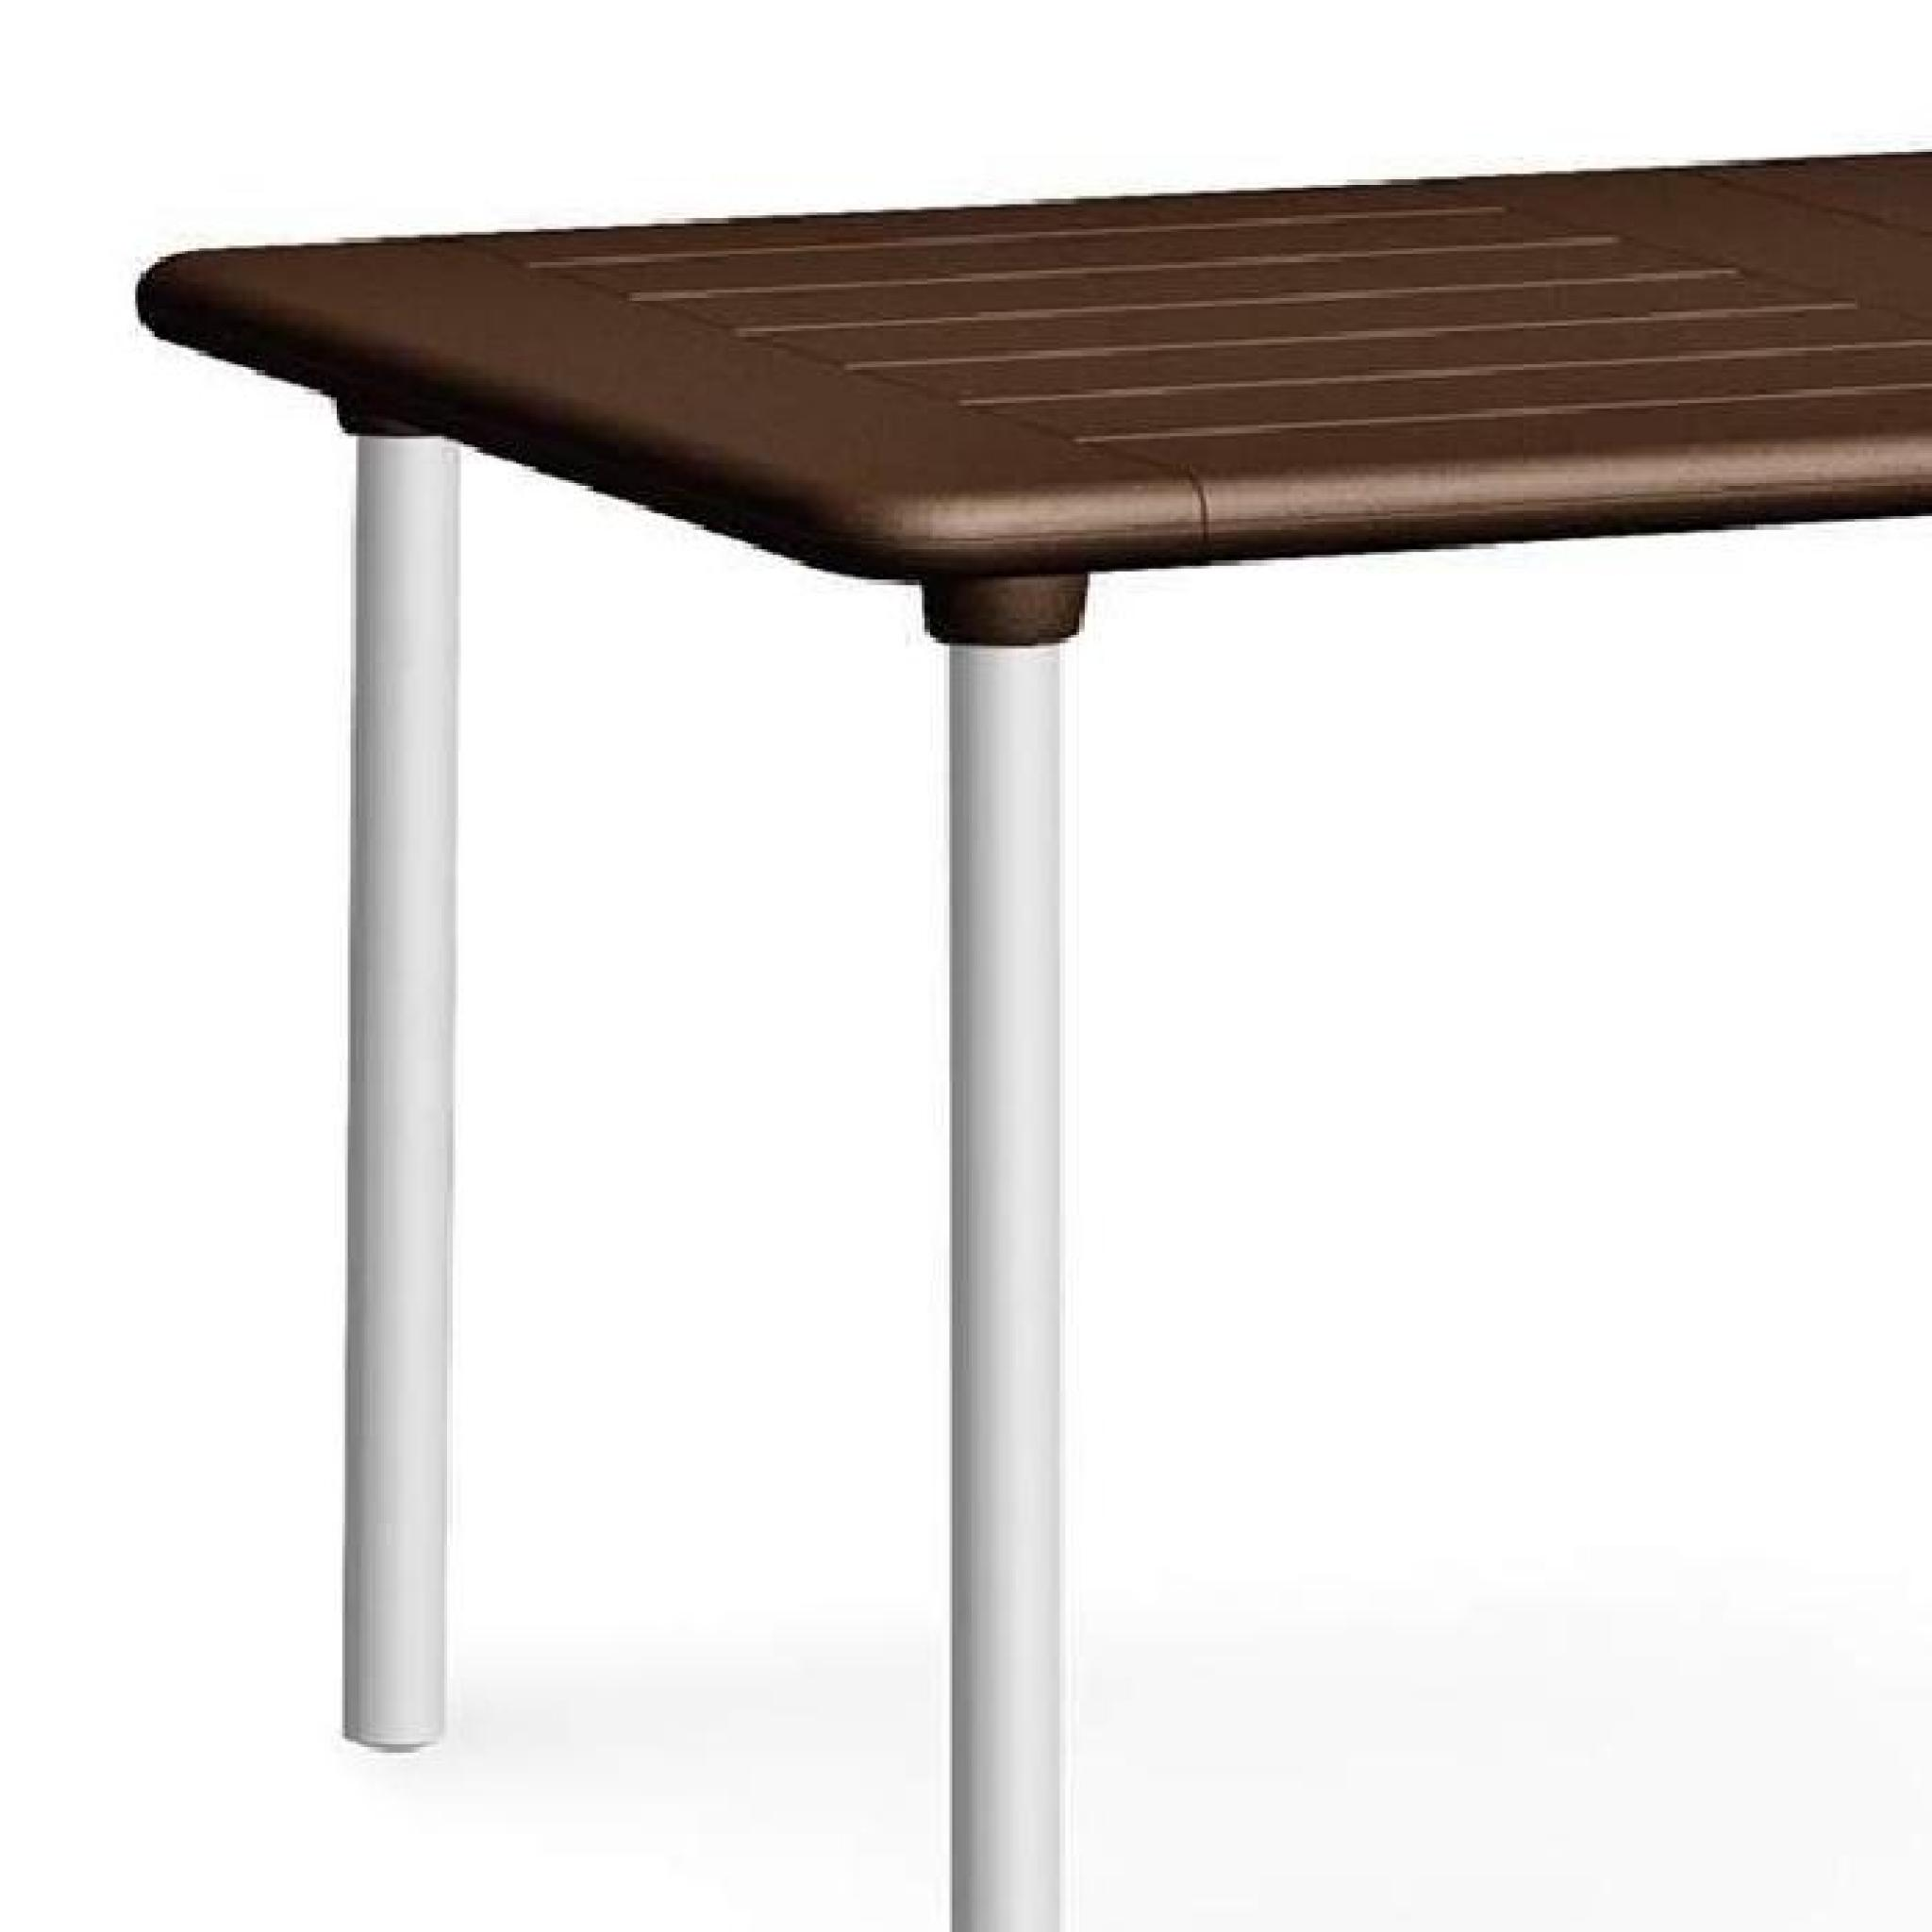 Table extensible NARDI Maestrale 160-220 cm - Café